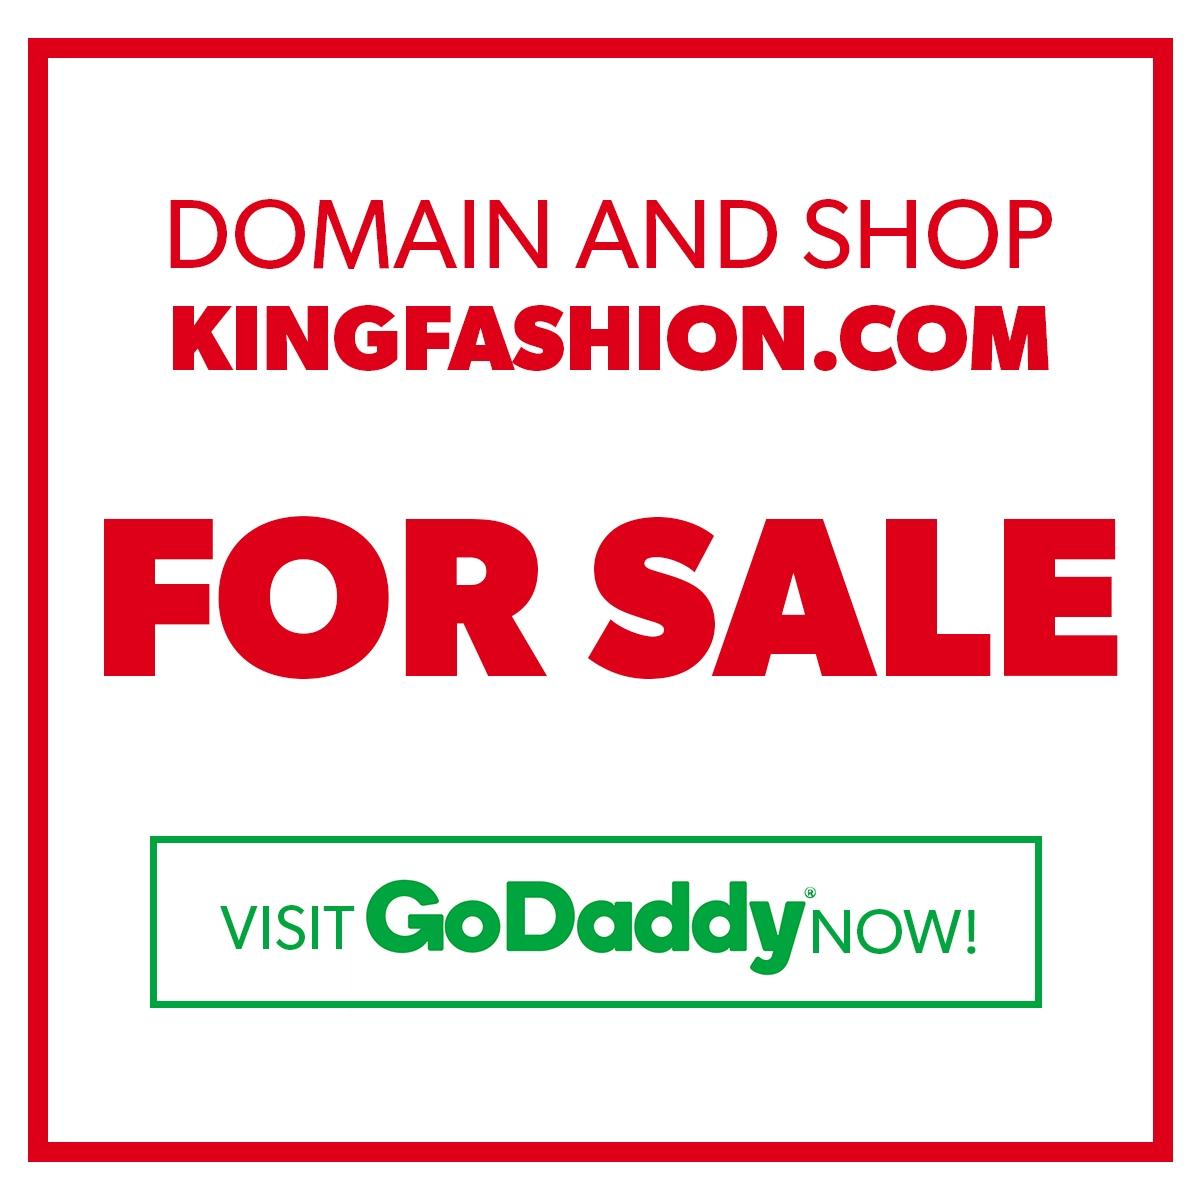 KingFashion.com FOR SALE